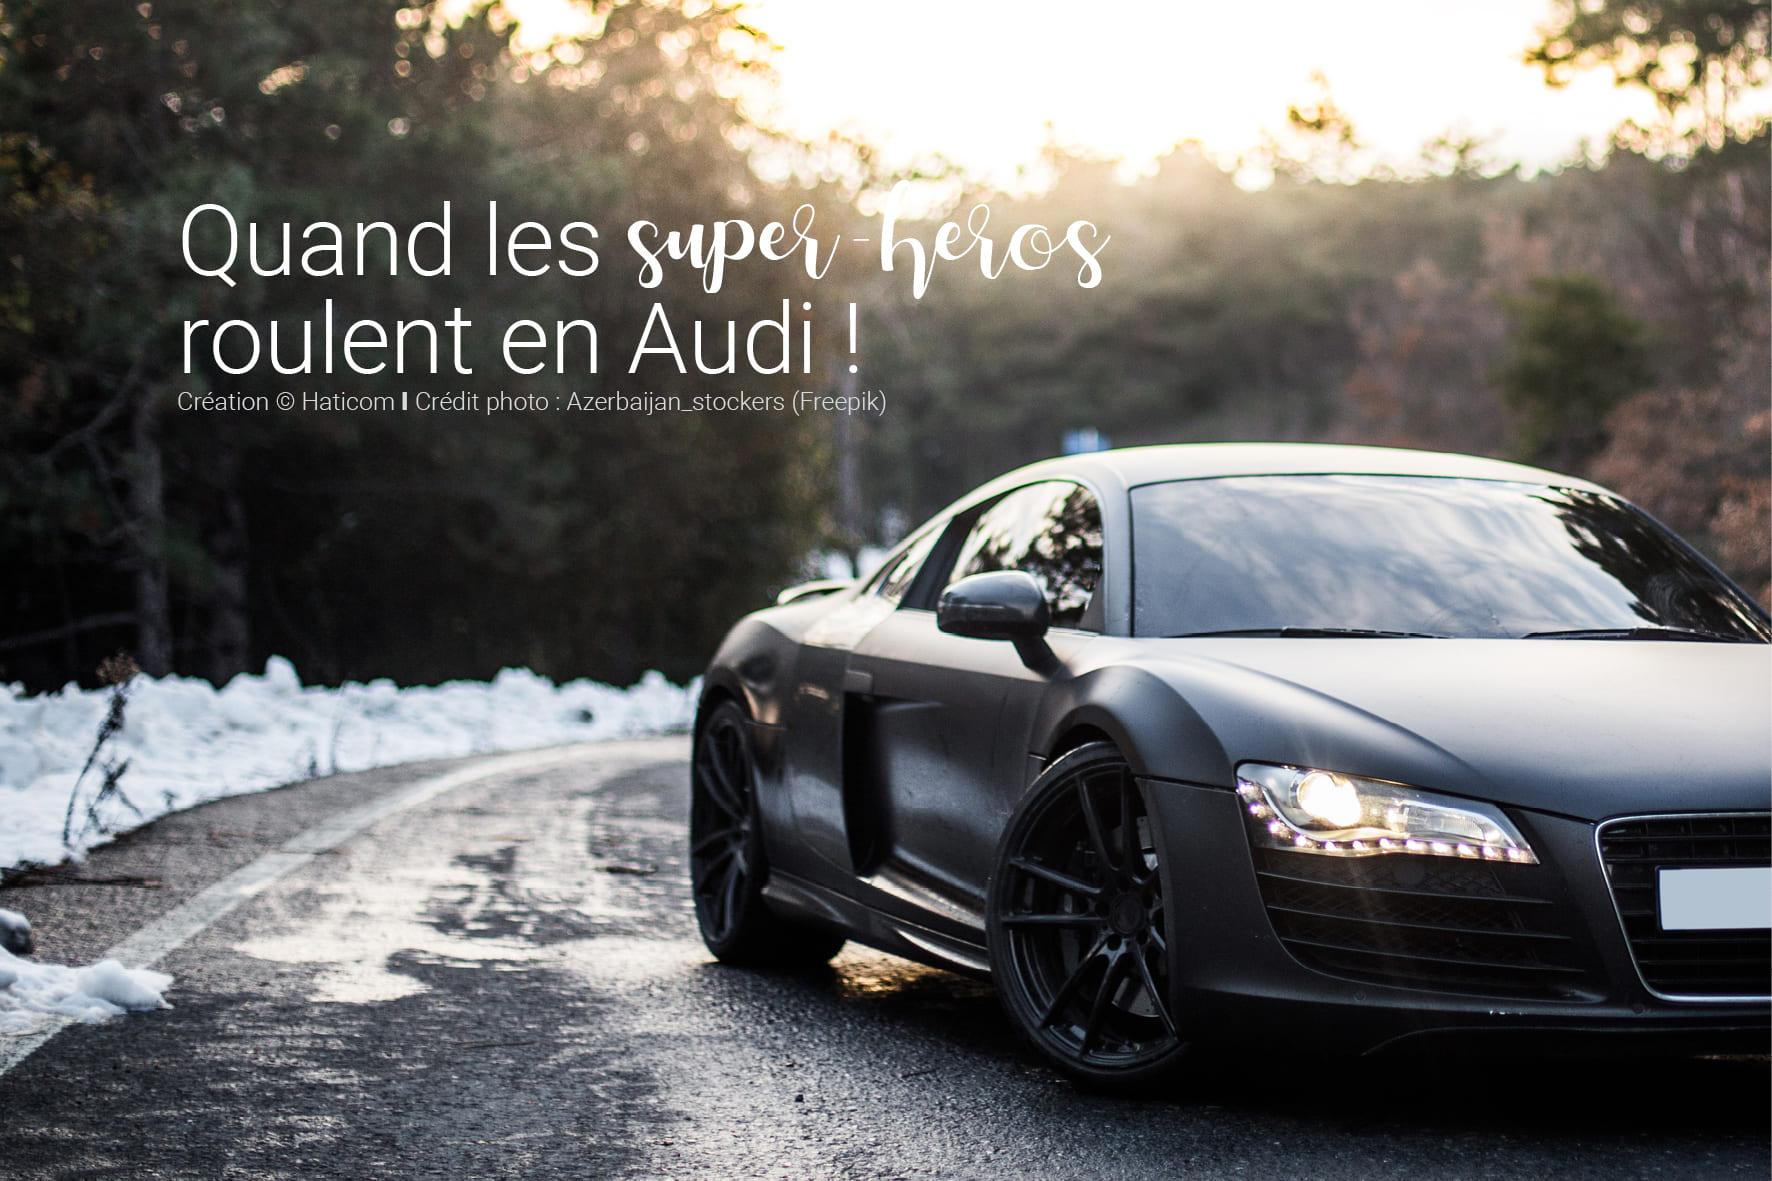 Visuel pour illustrer l'article 5 : Quand les super-héros roulent an Audi !